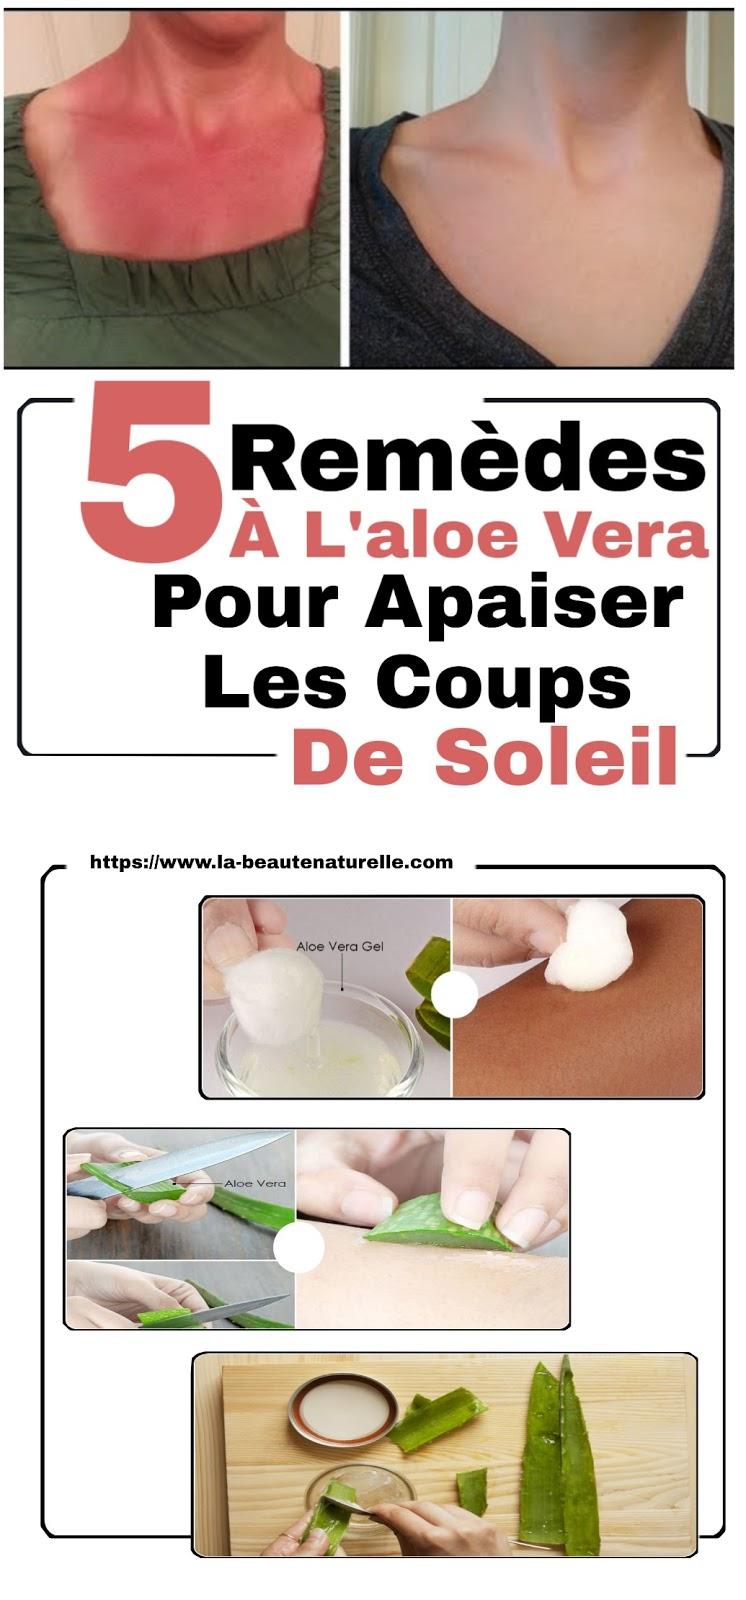 5 Remèdes À L'aloe Vera Pour Apaiser Les Coups De Soleil